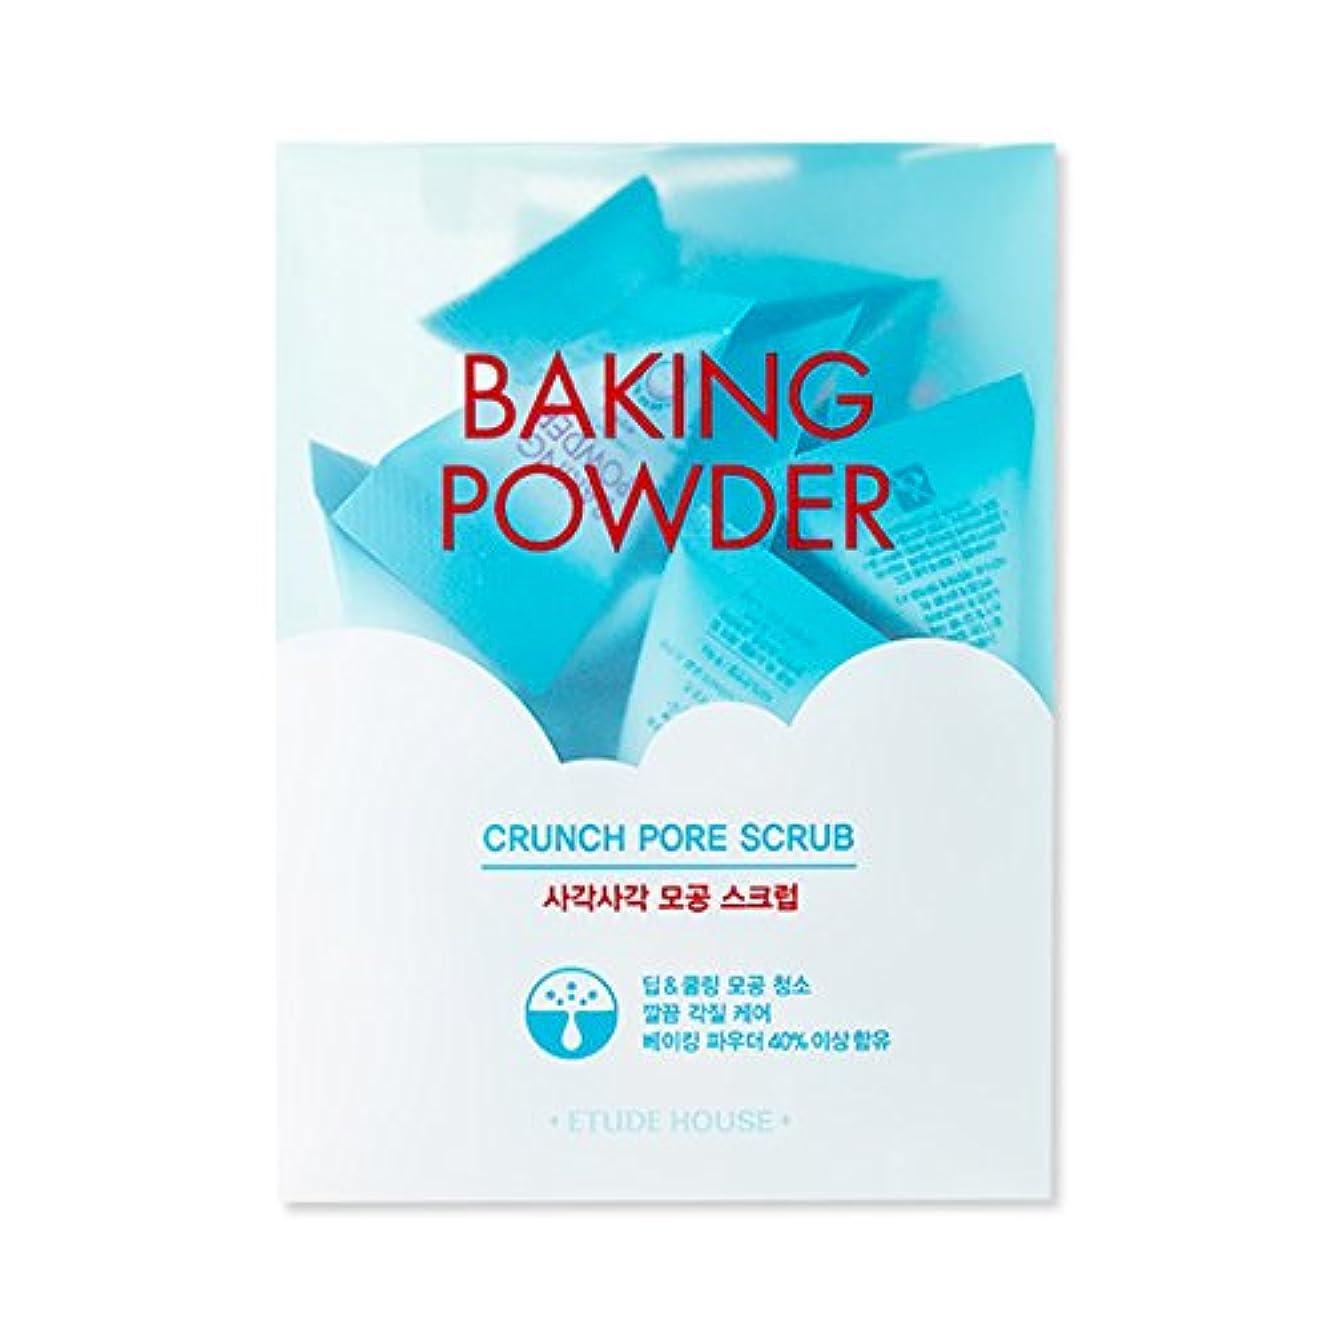 結紮位置するサスペンション[2016 Upgrade!] ETUDE HOUSE Baking Powder Crunch Pore Scrub 7g×24ea/エチュードハウス ベーキング パウダー クランチ ポア スクラブ 7g×24ea [...